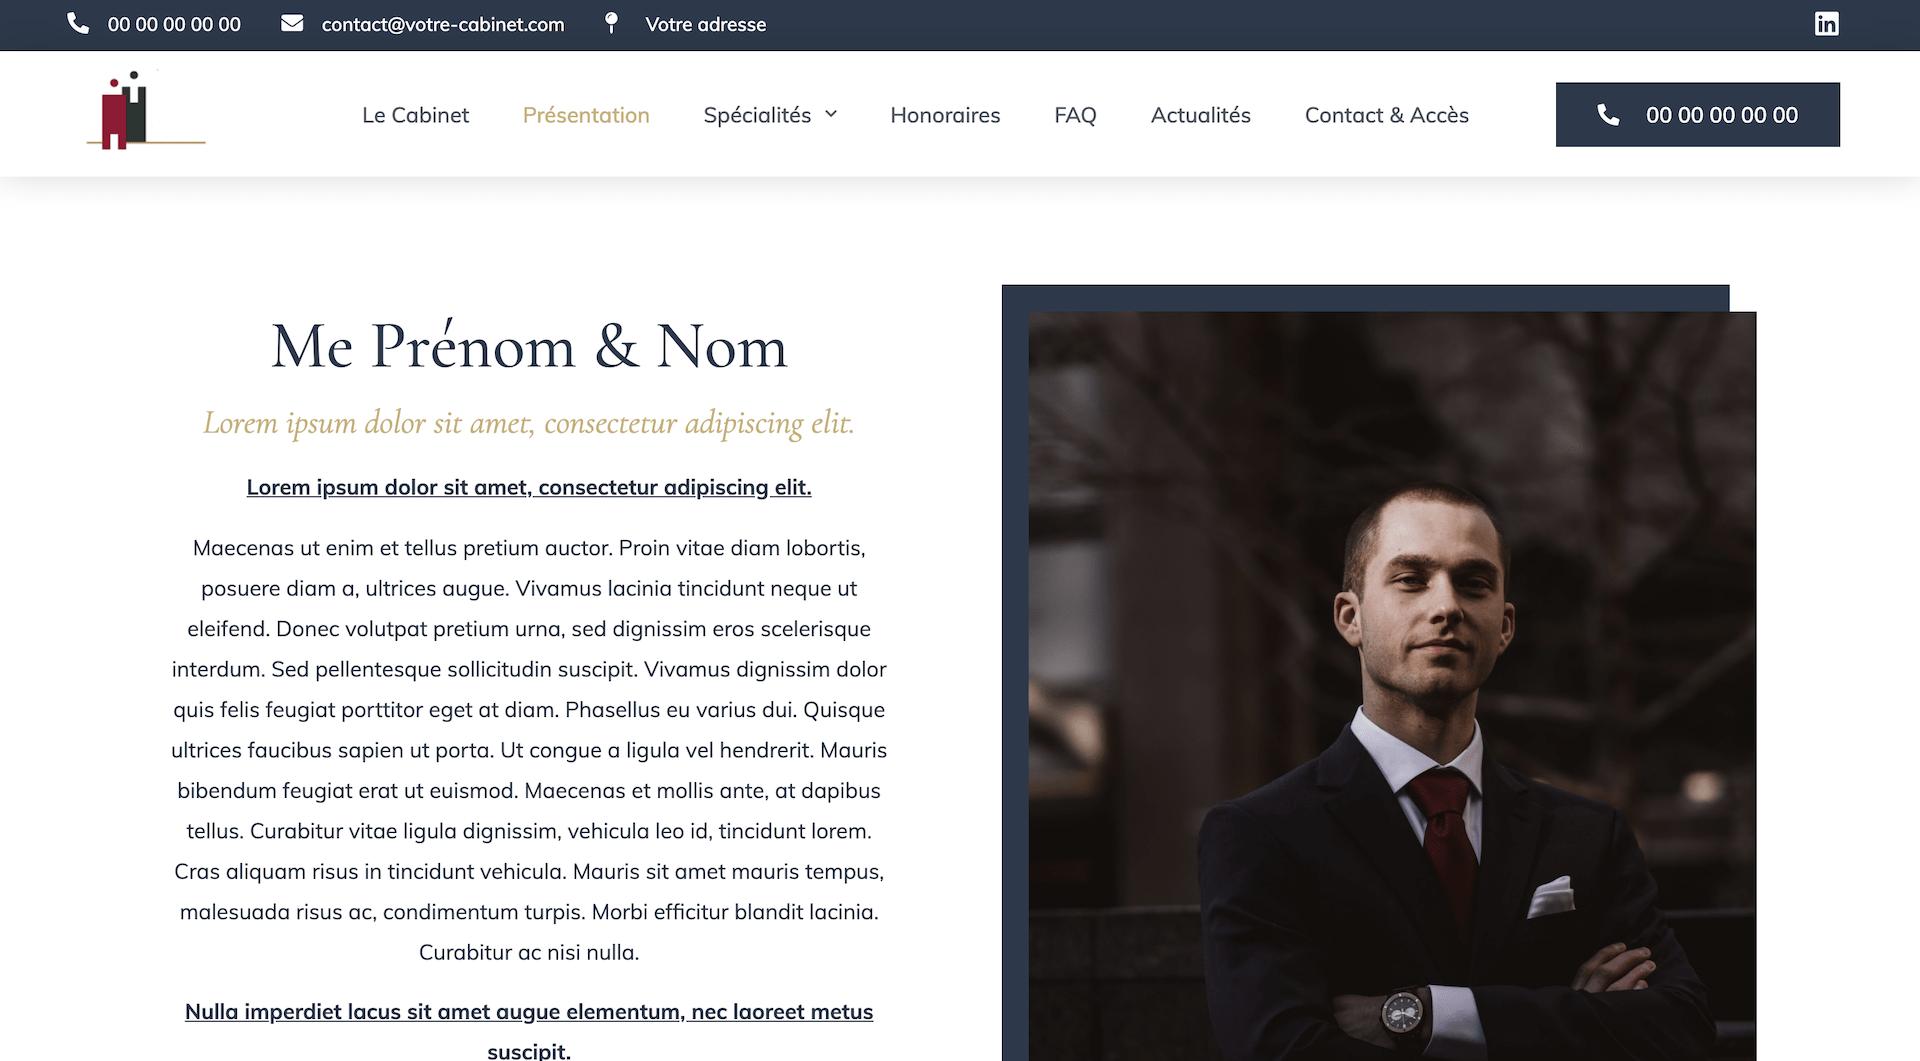 La page de présentation